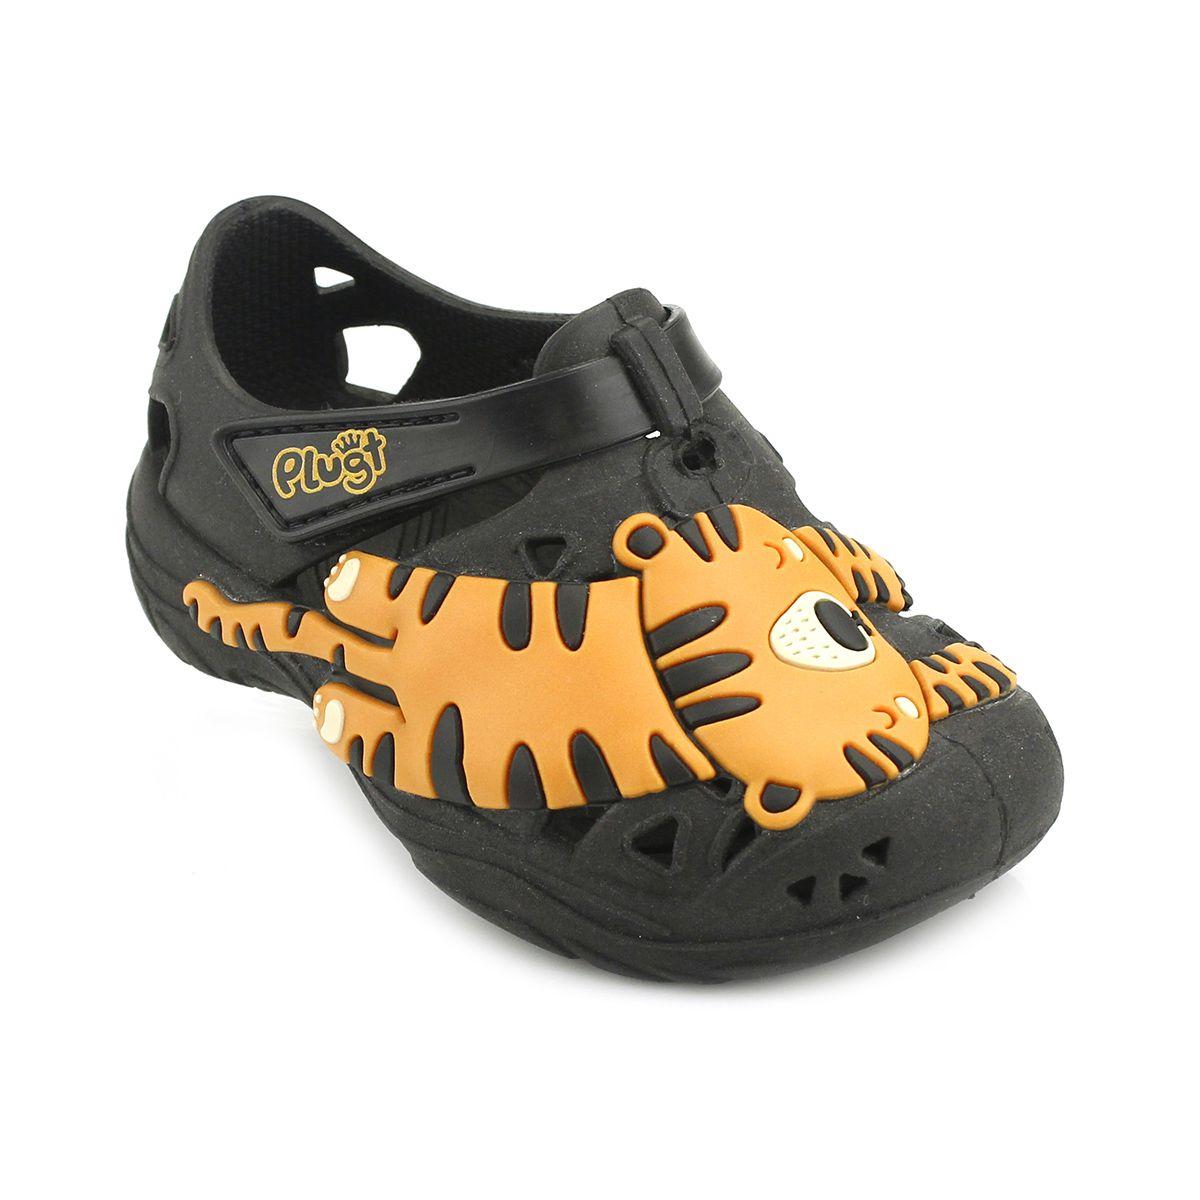 Babuche Plugt Tigre Preto V